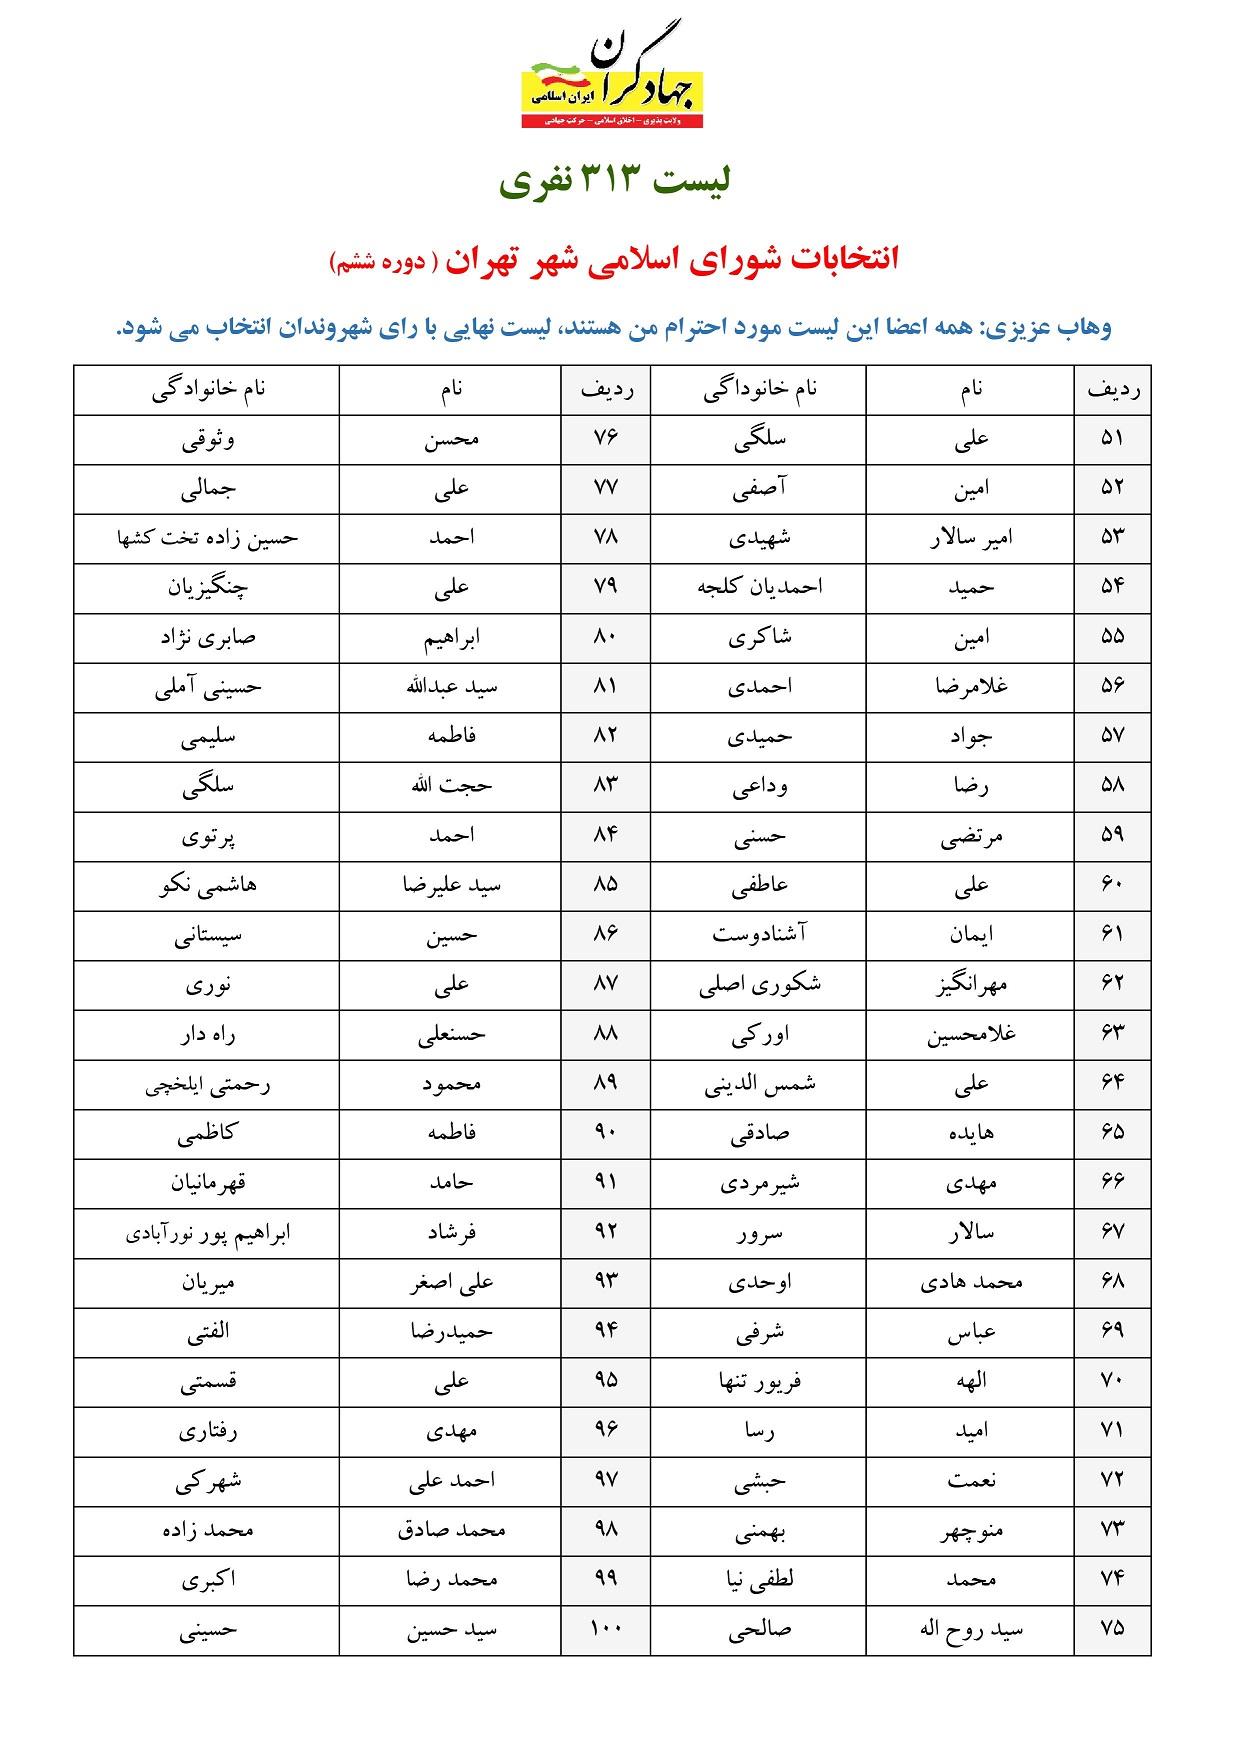 لیست شورای شهر جبهه جهادگران